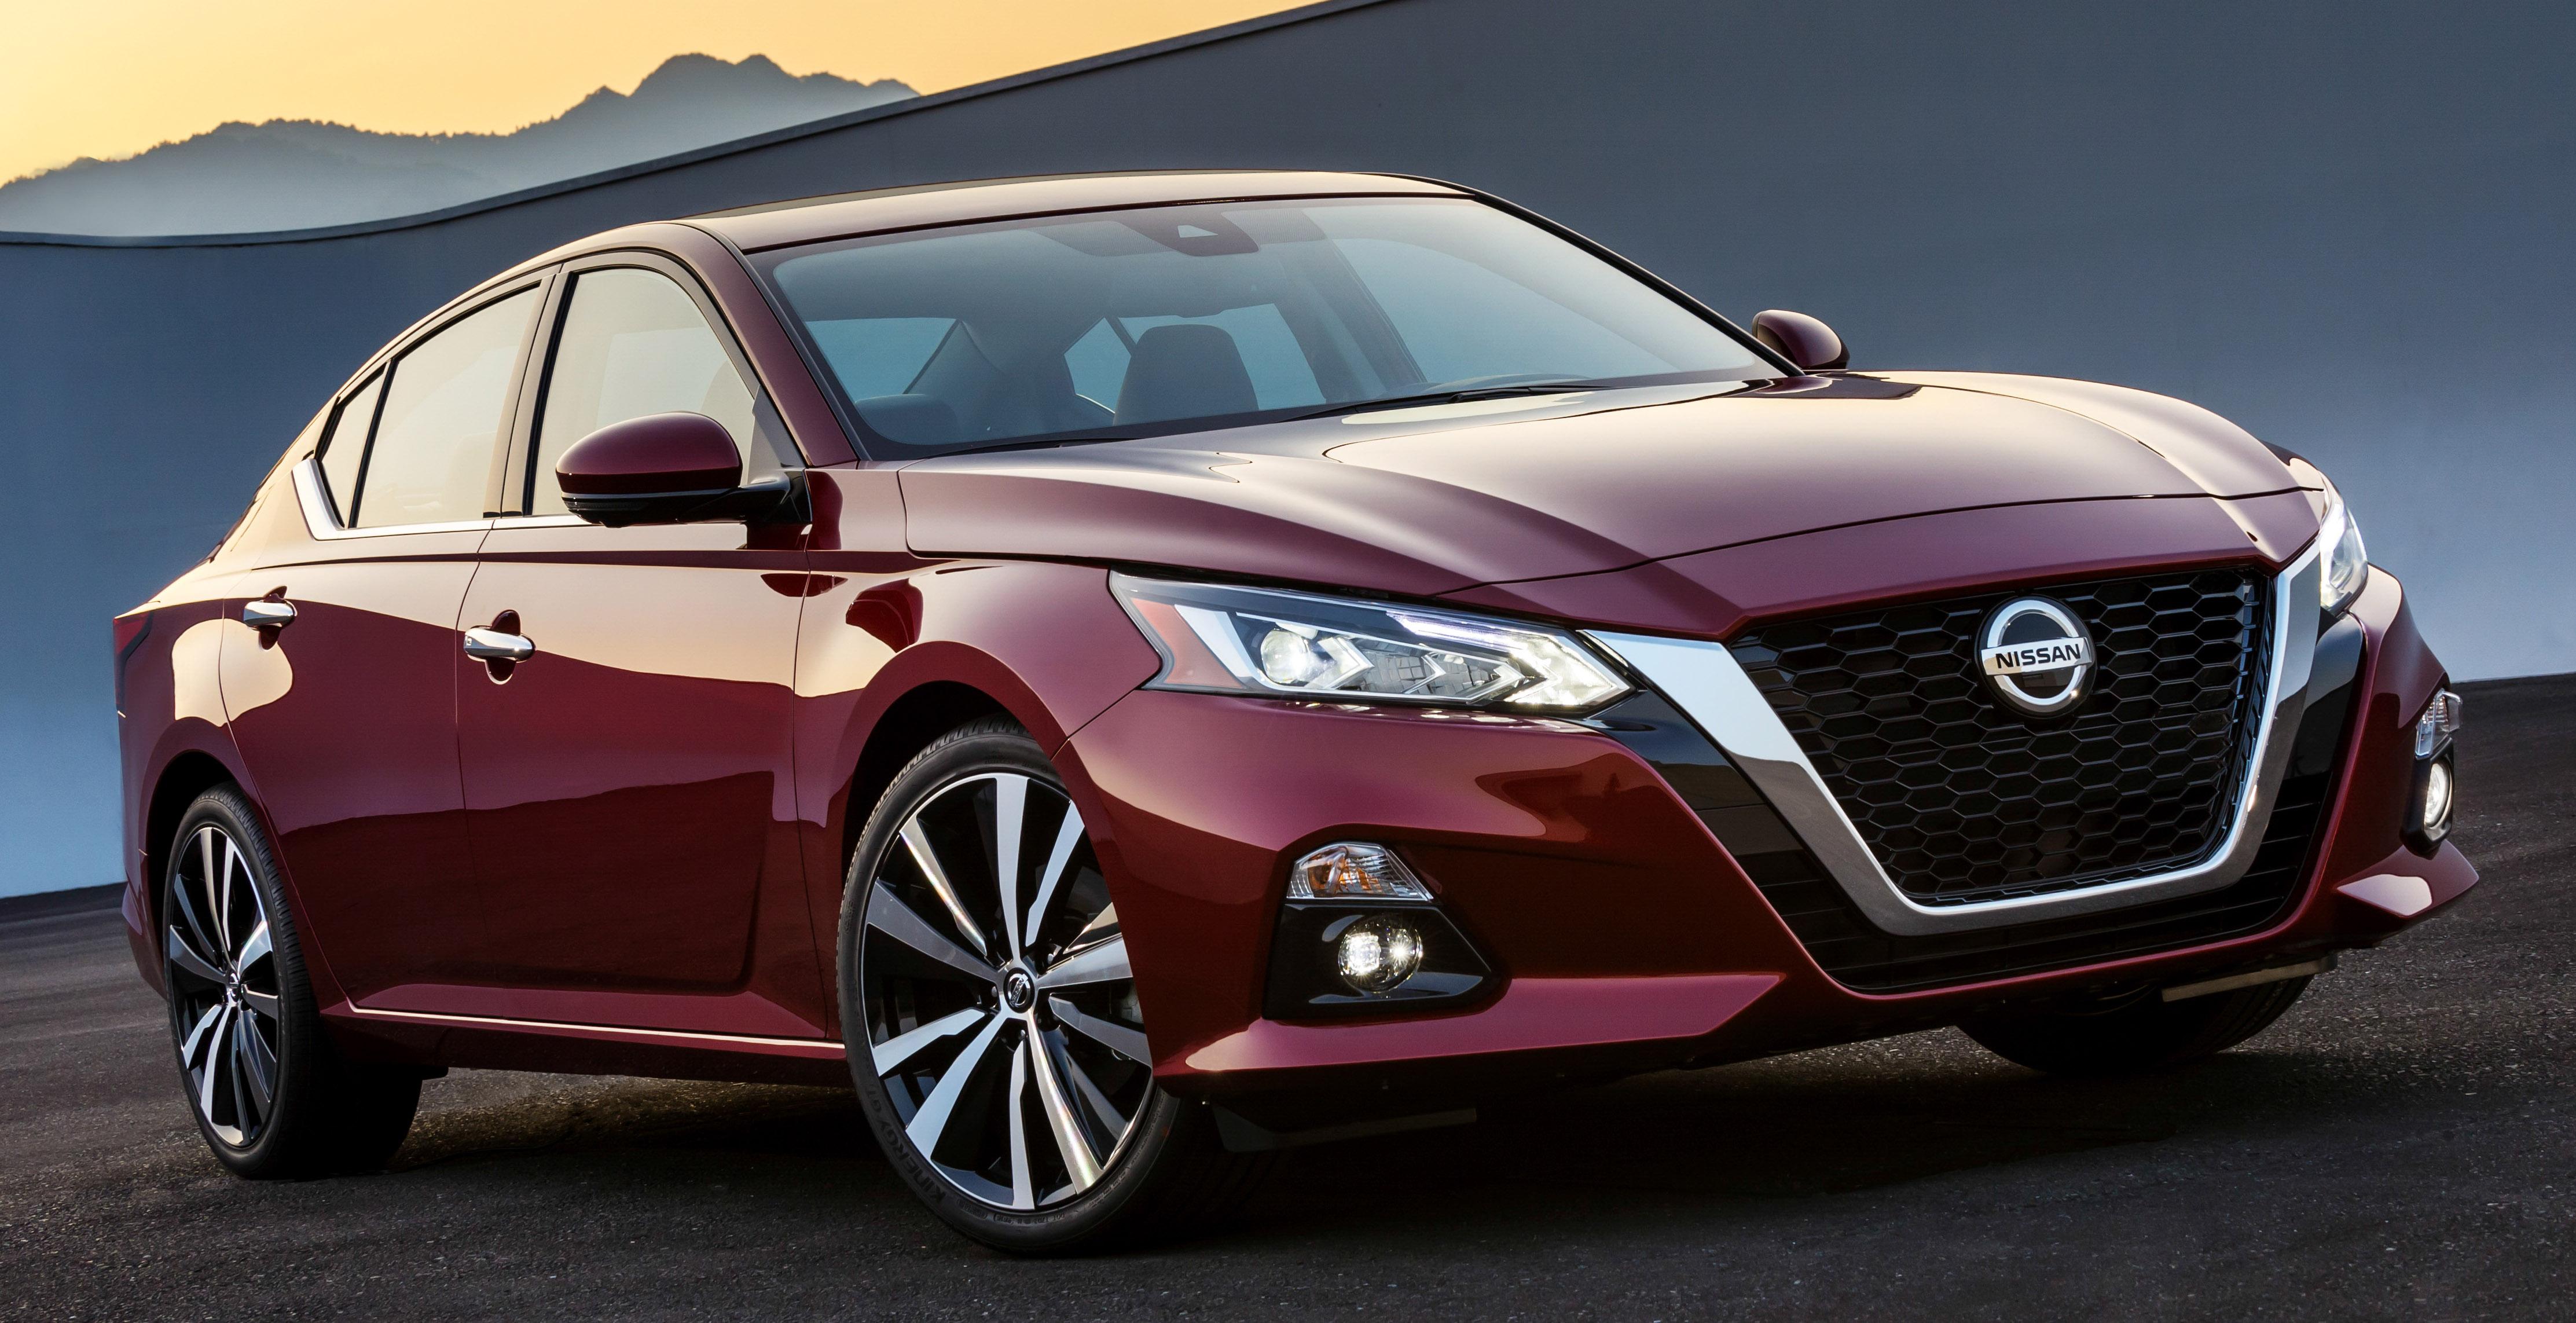 美国发布全新 Nissan Altima,搭载可变压缩比涡轮引擎 2019 Nissan Altima - Paul ...